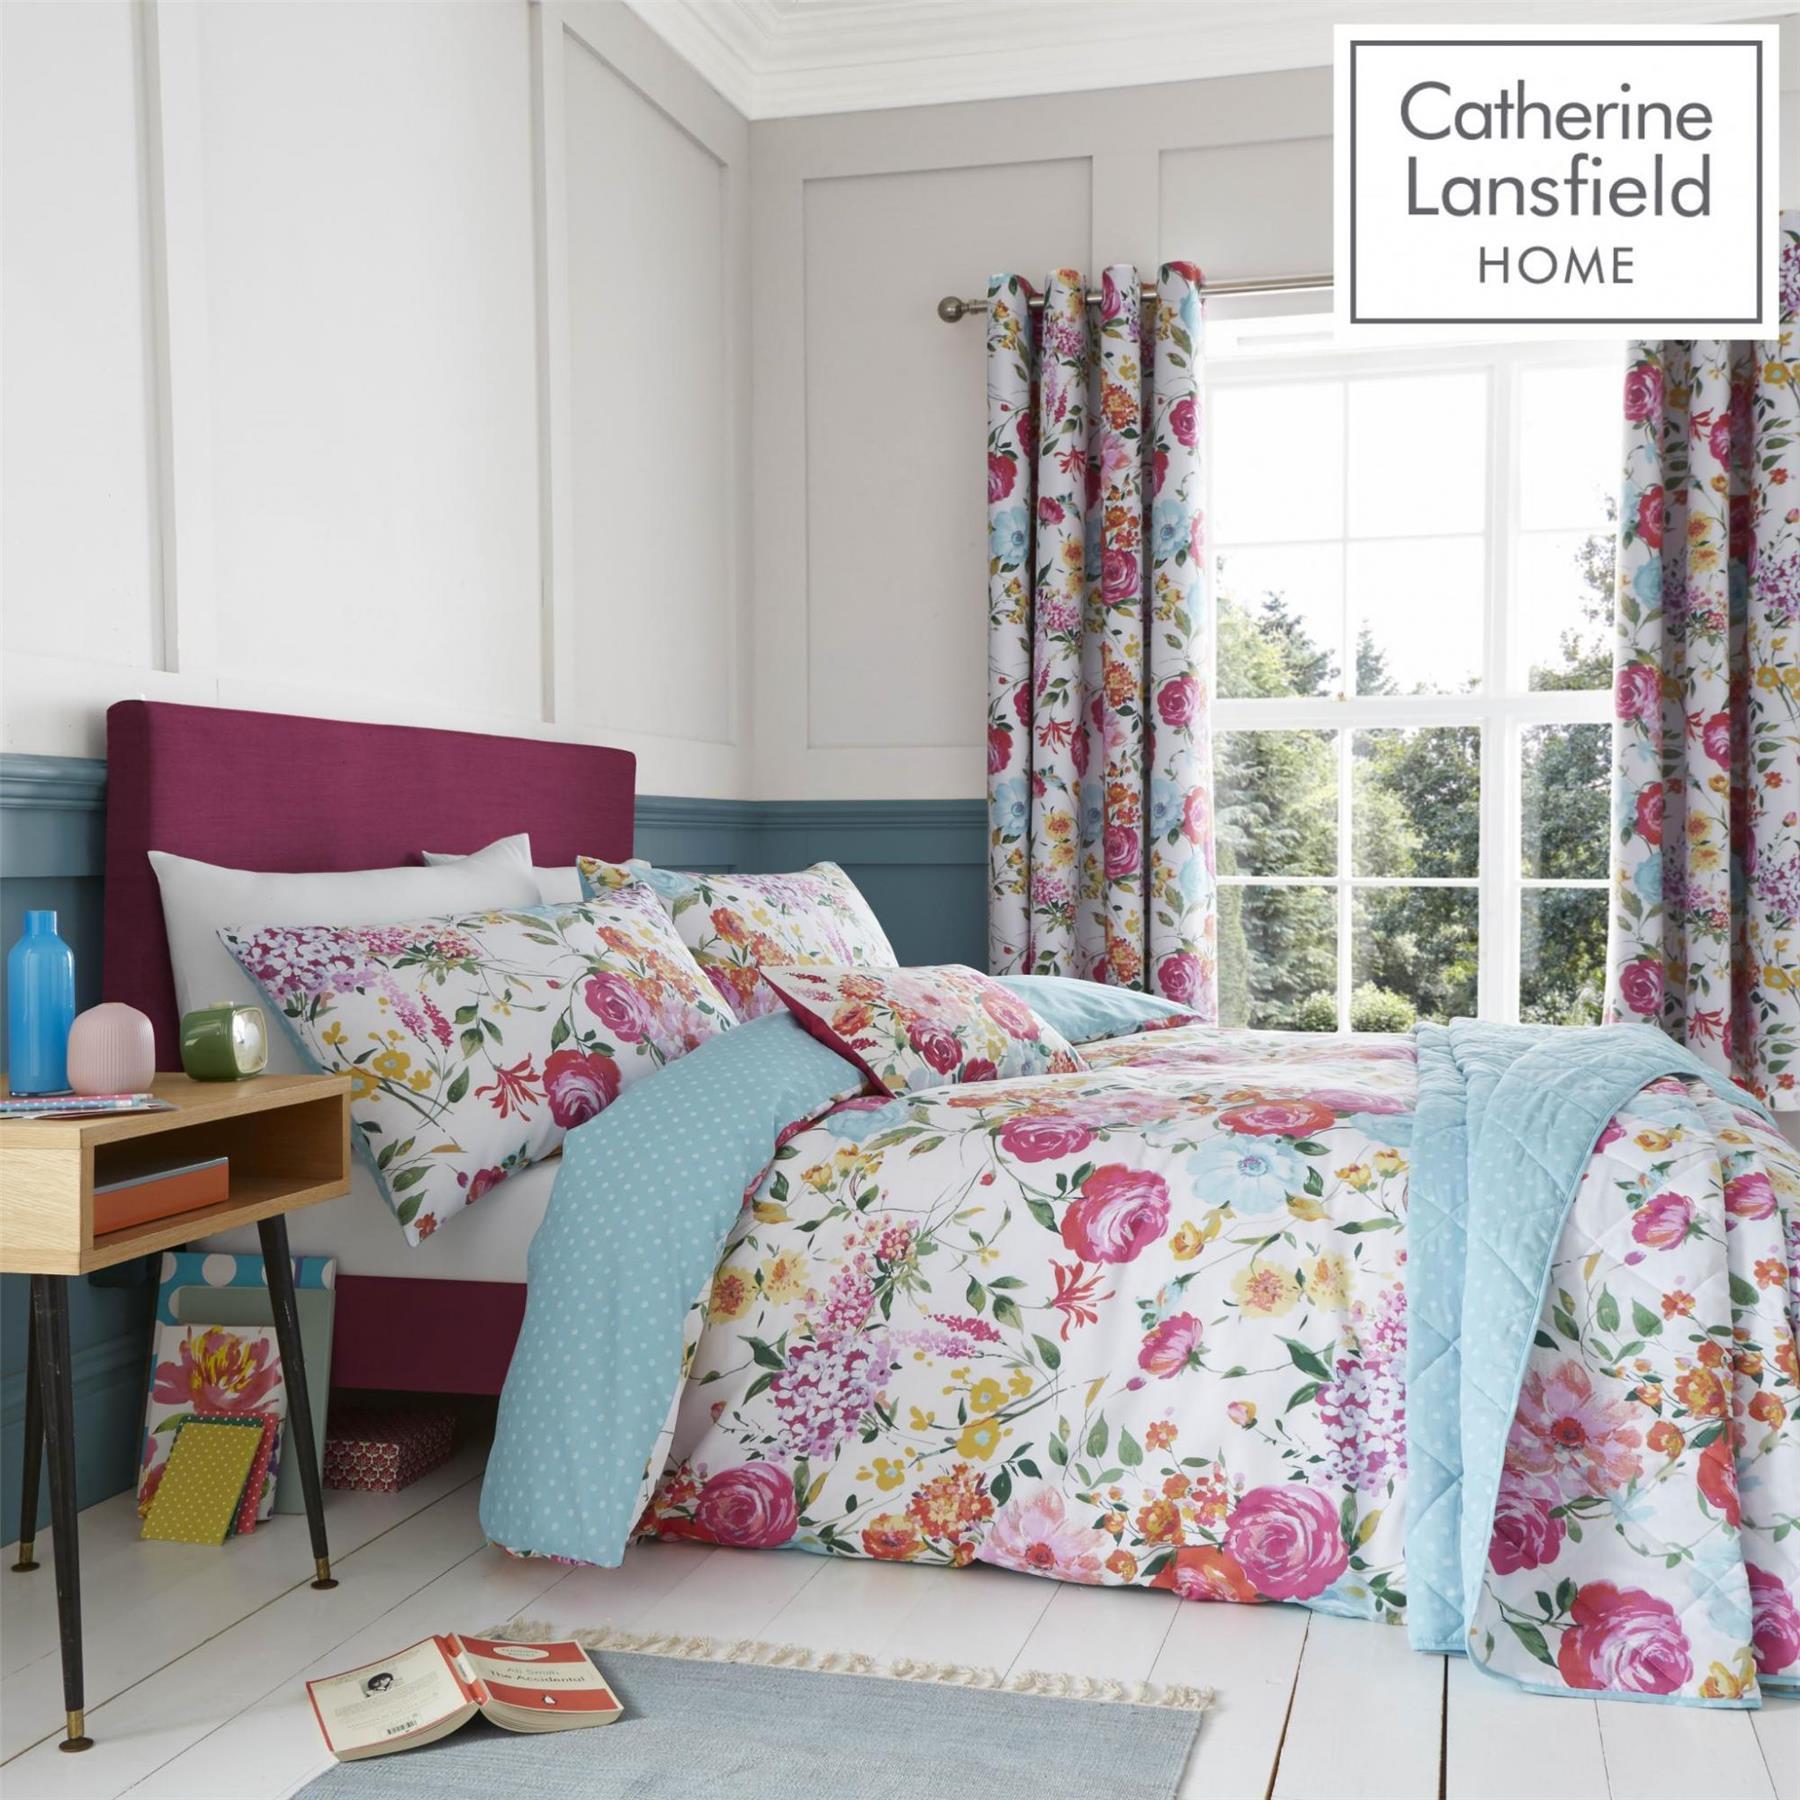 Catherine-Lansfield-biancheria-da-letto-Salisbury-Copripiumino-Set-Tende-Cuscino-Copriletto miniatura 11